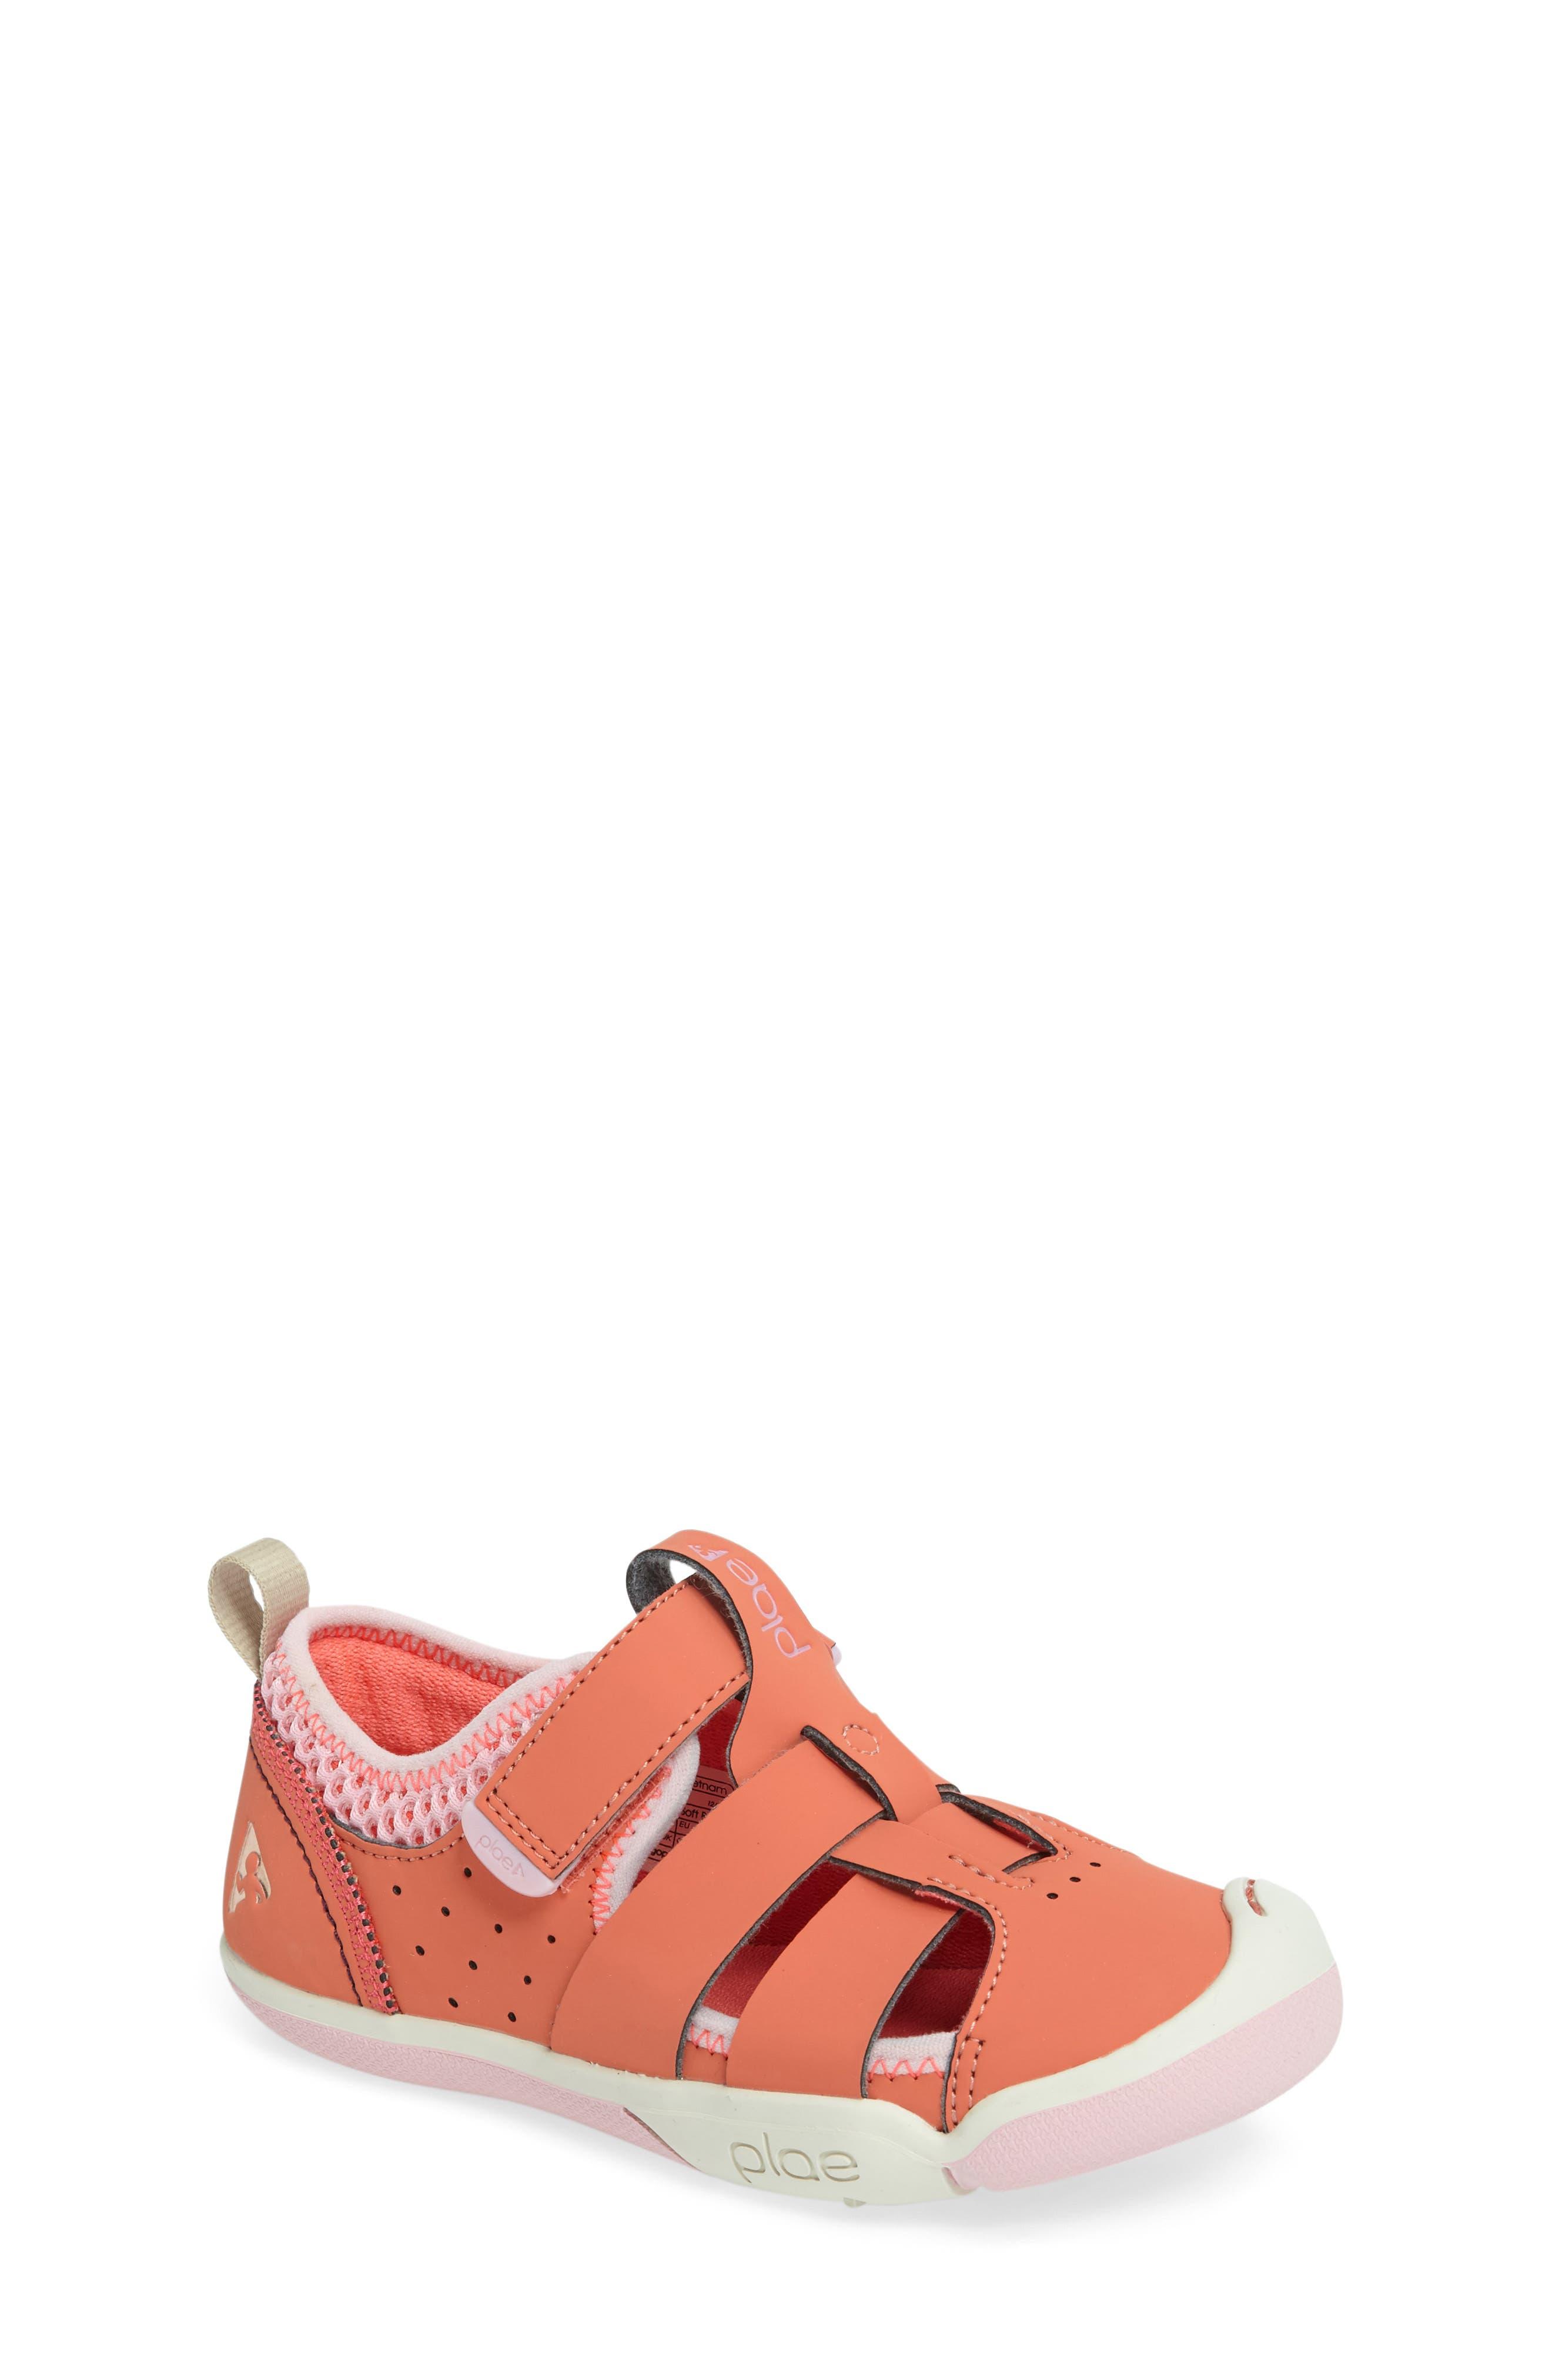 PLAE 'Sam' Customizable Sneaker (Toddler & Little Kid)